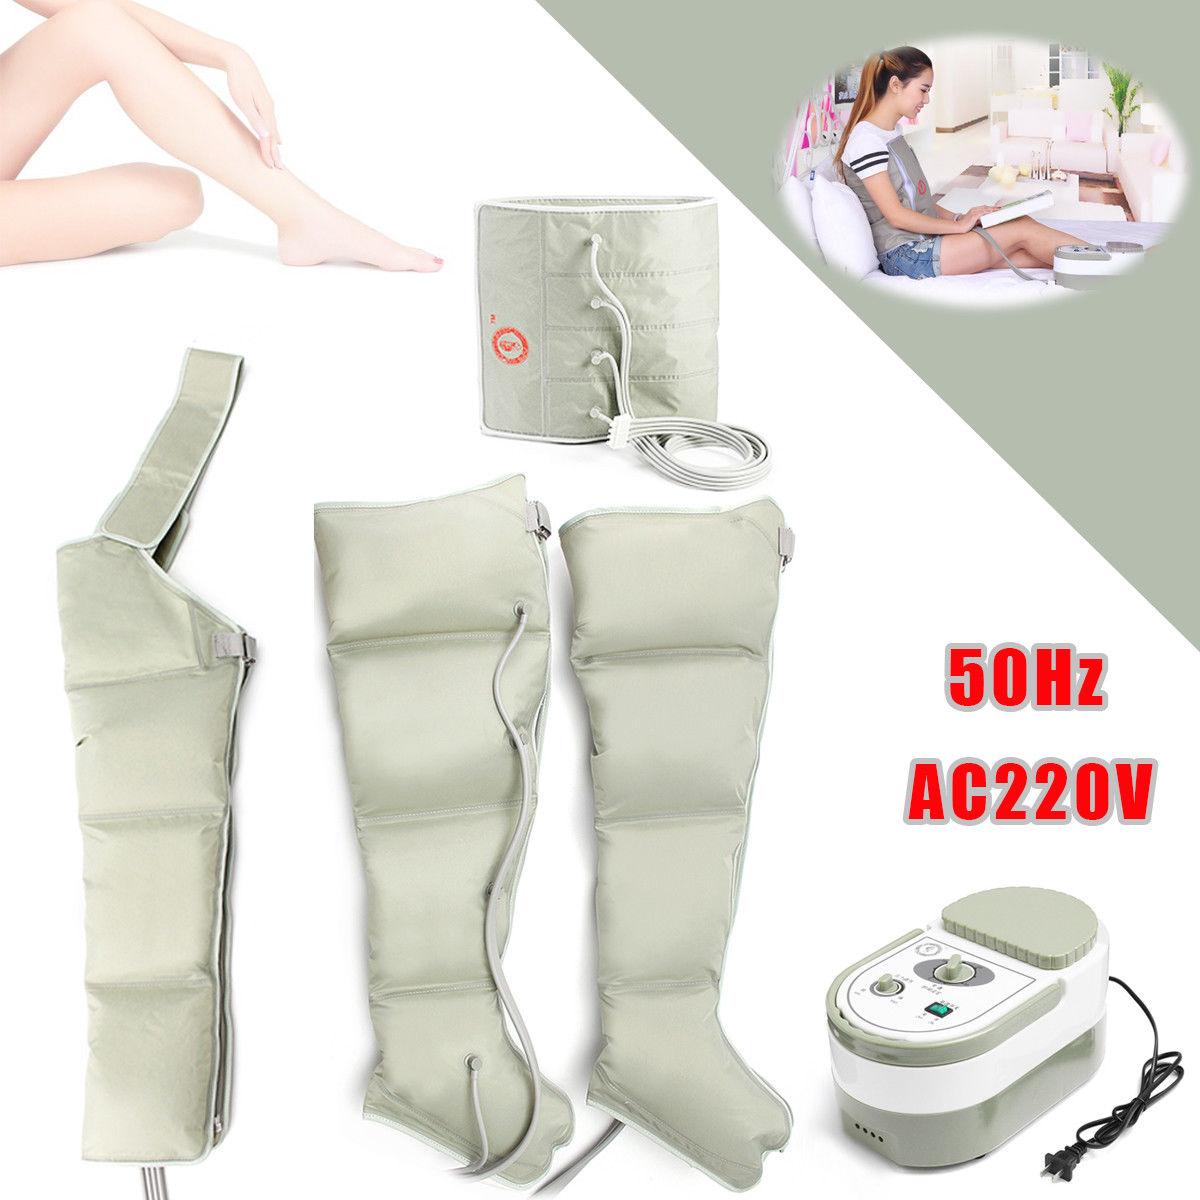 EMS Air Électrique Cercle De Compression Masseur Circulation Pression De Massage Jambe bras Manchette personnes âgées pneumatique air pression vague